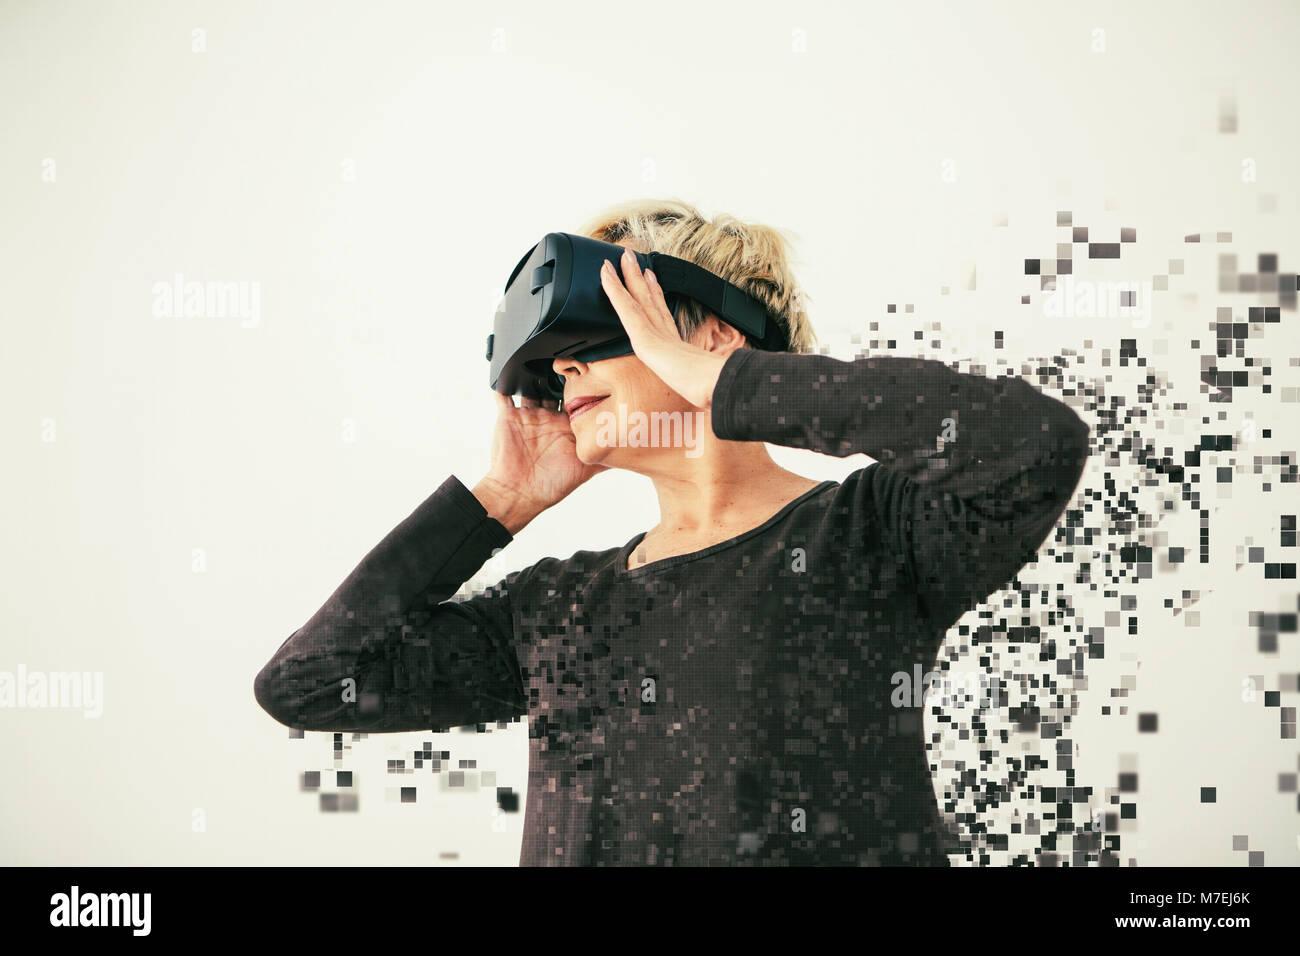 Eine ältere Frau in virtual reality Brillen ist durch Pixel verteilt. Konzeptionelle Fotografie mit visuellen Stockbild